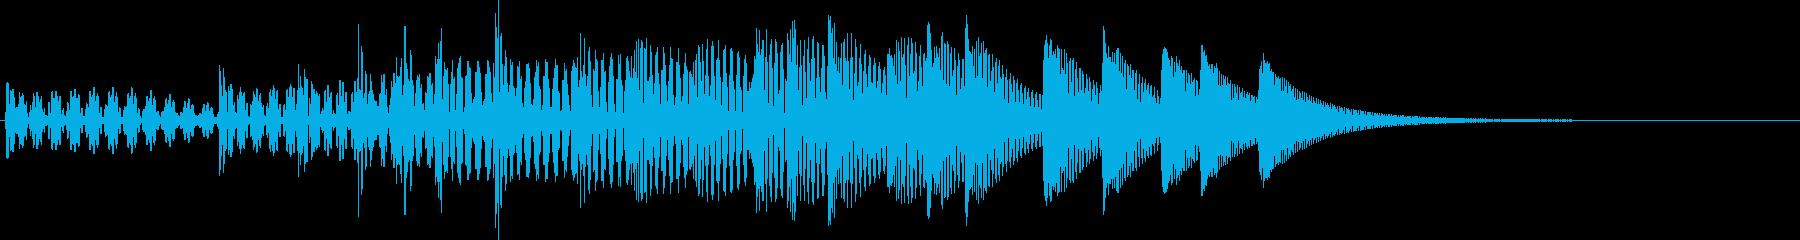 場面転換音02の再生済みの波形